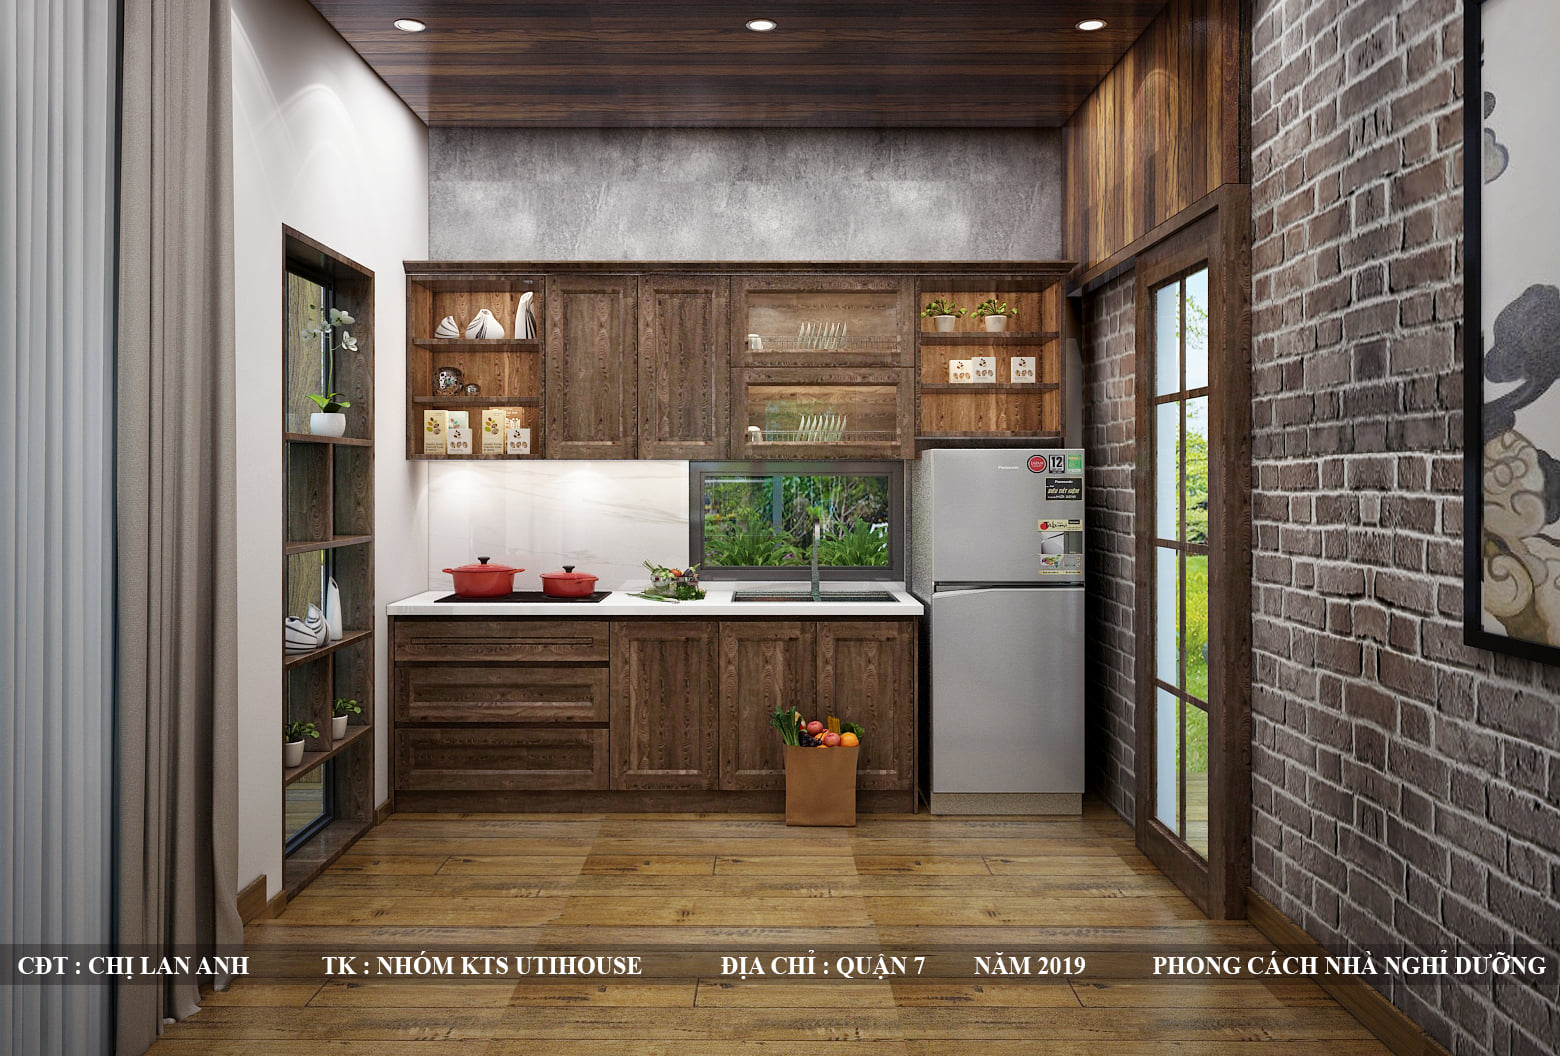 Tủ bếp làm từ gỗ - Gỗ tự nhiên, gỗ công nghiệp